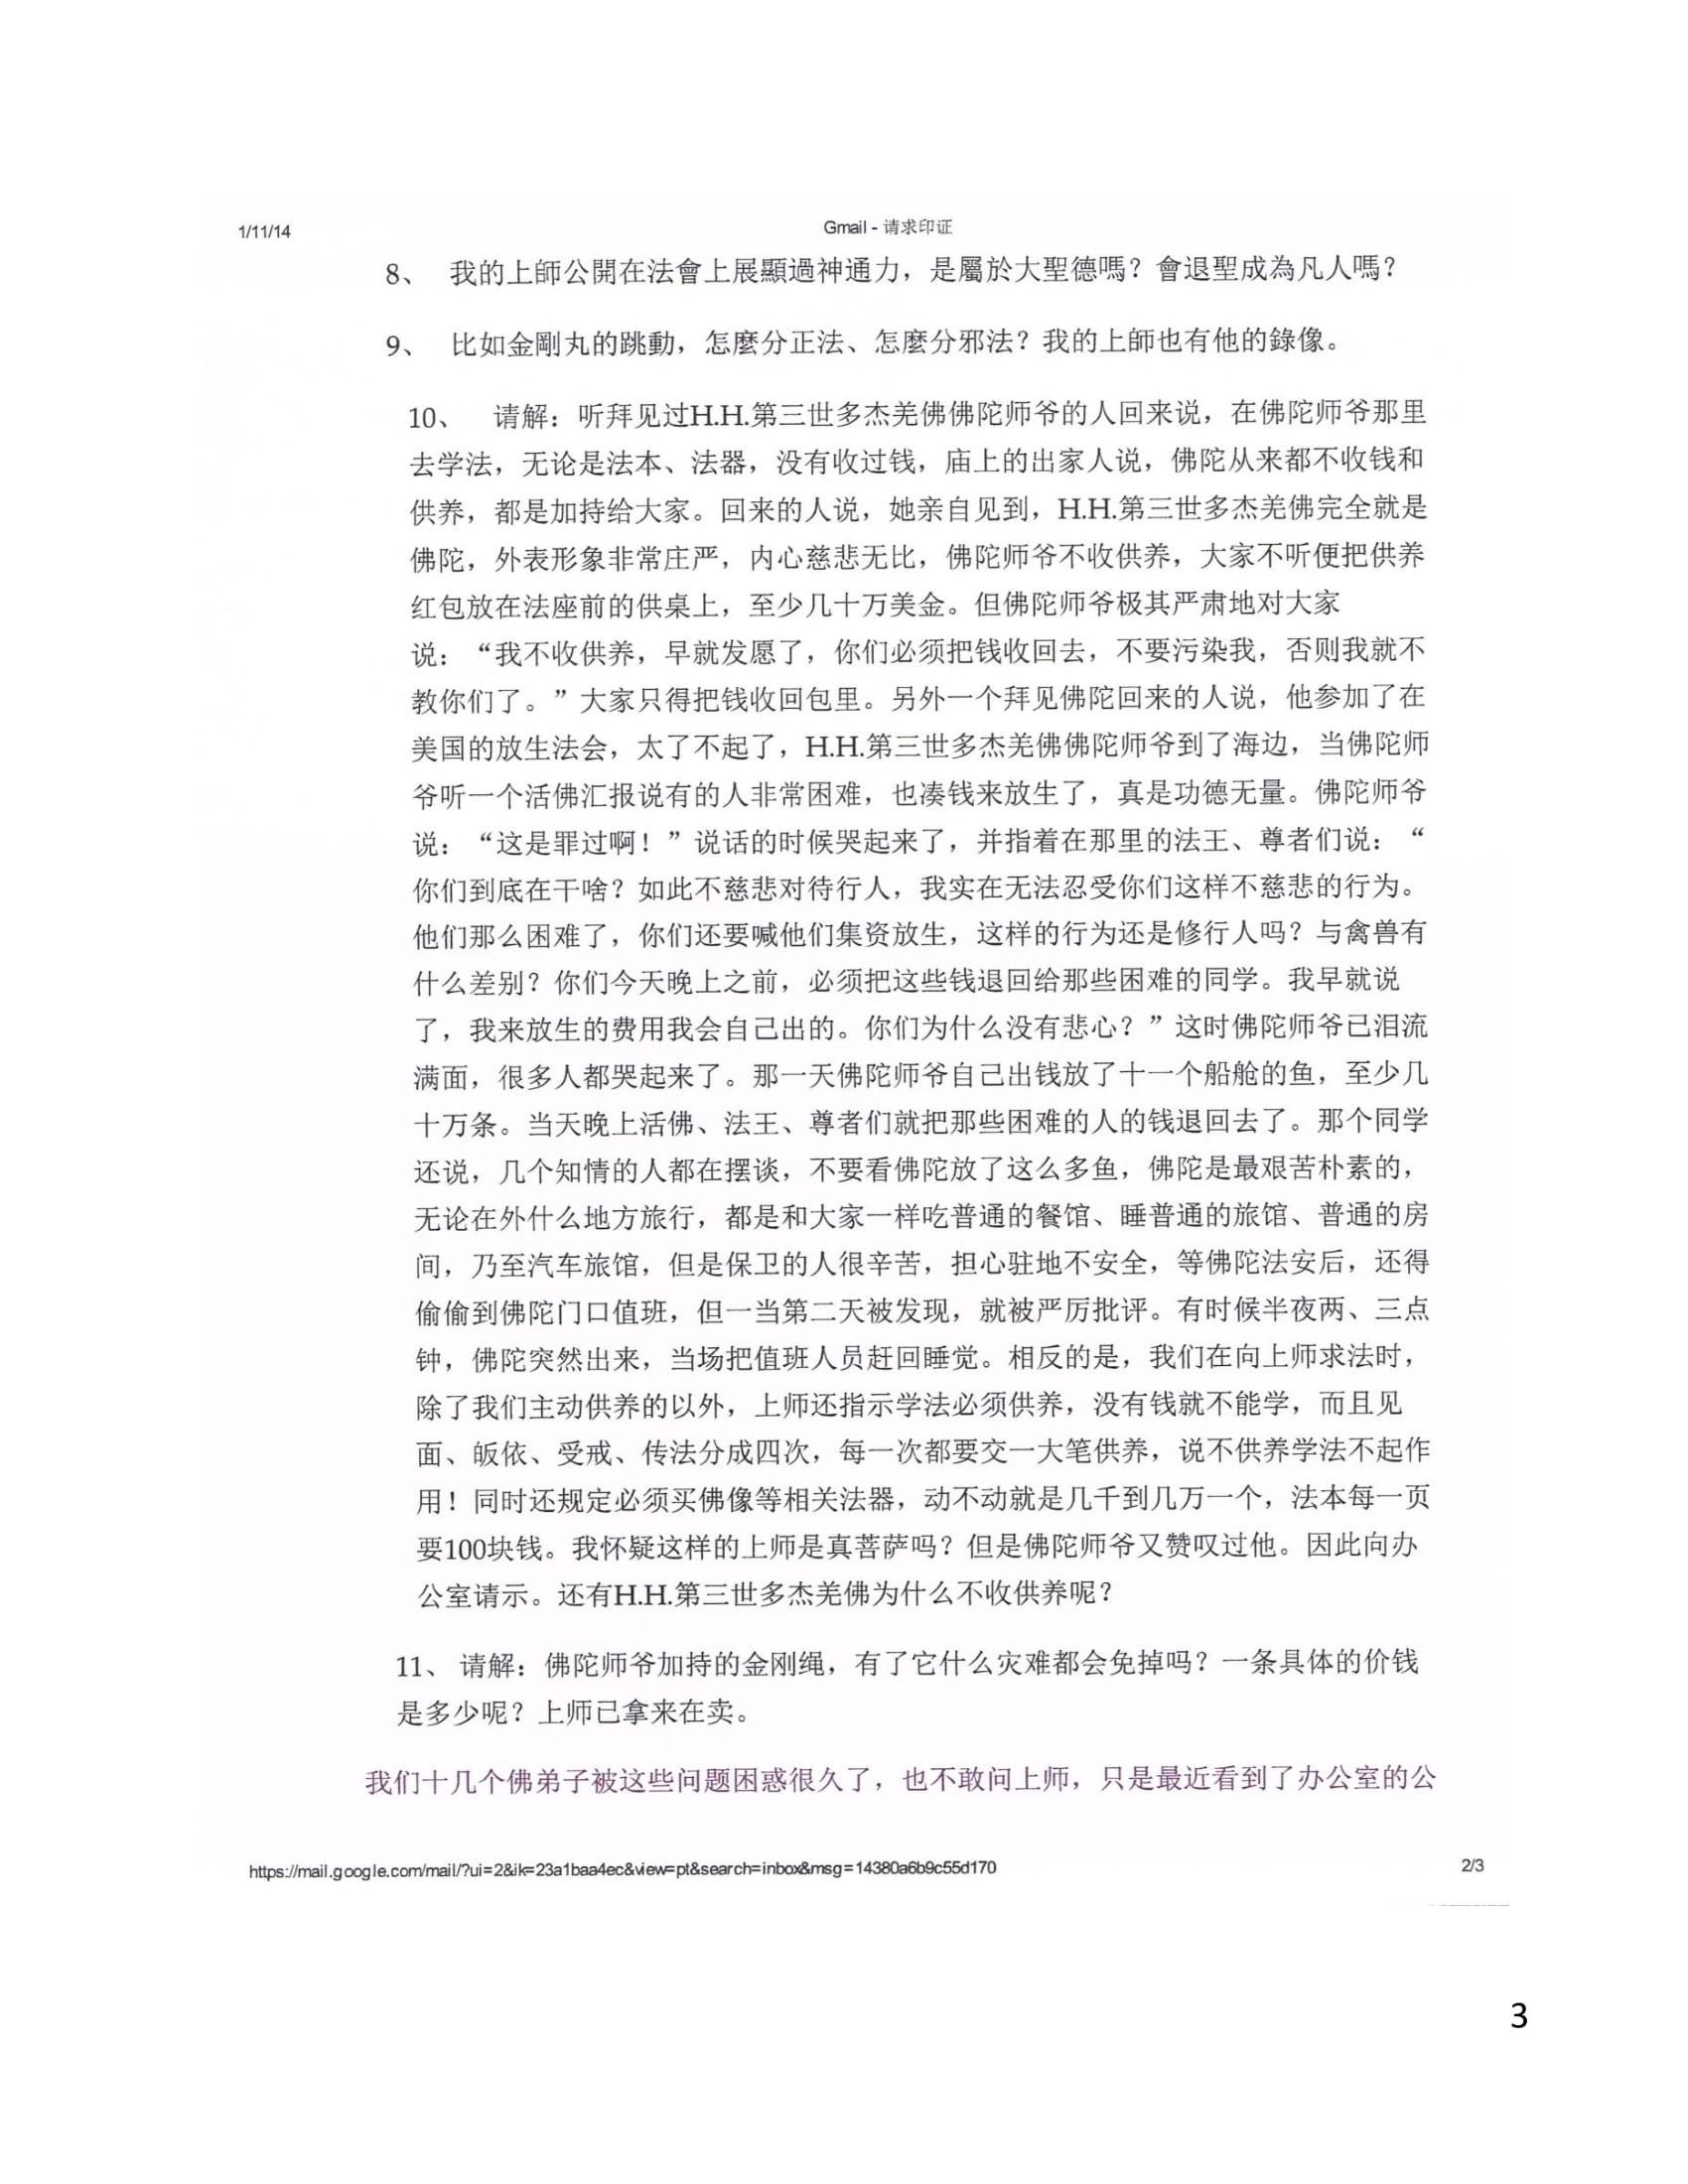 第三世多杰羌佛辦公室第八號來函印證-佛弟子智誠等人請求印證的來信3